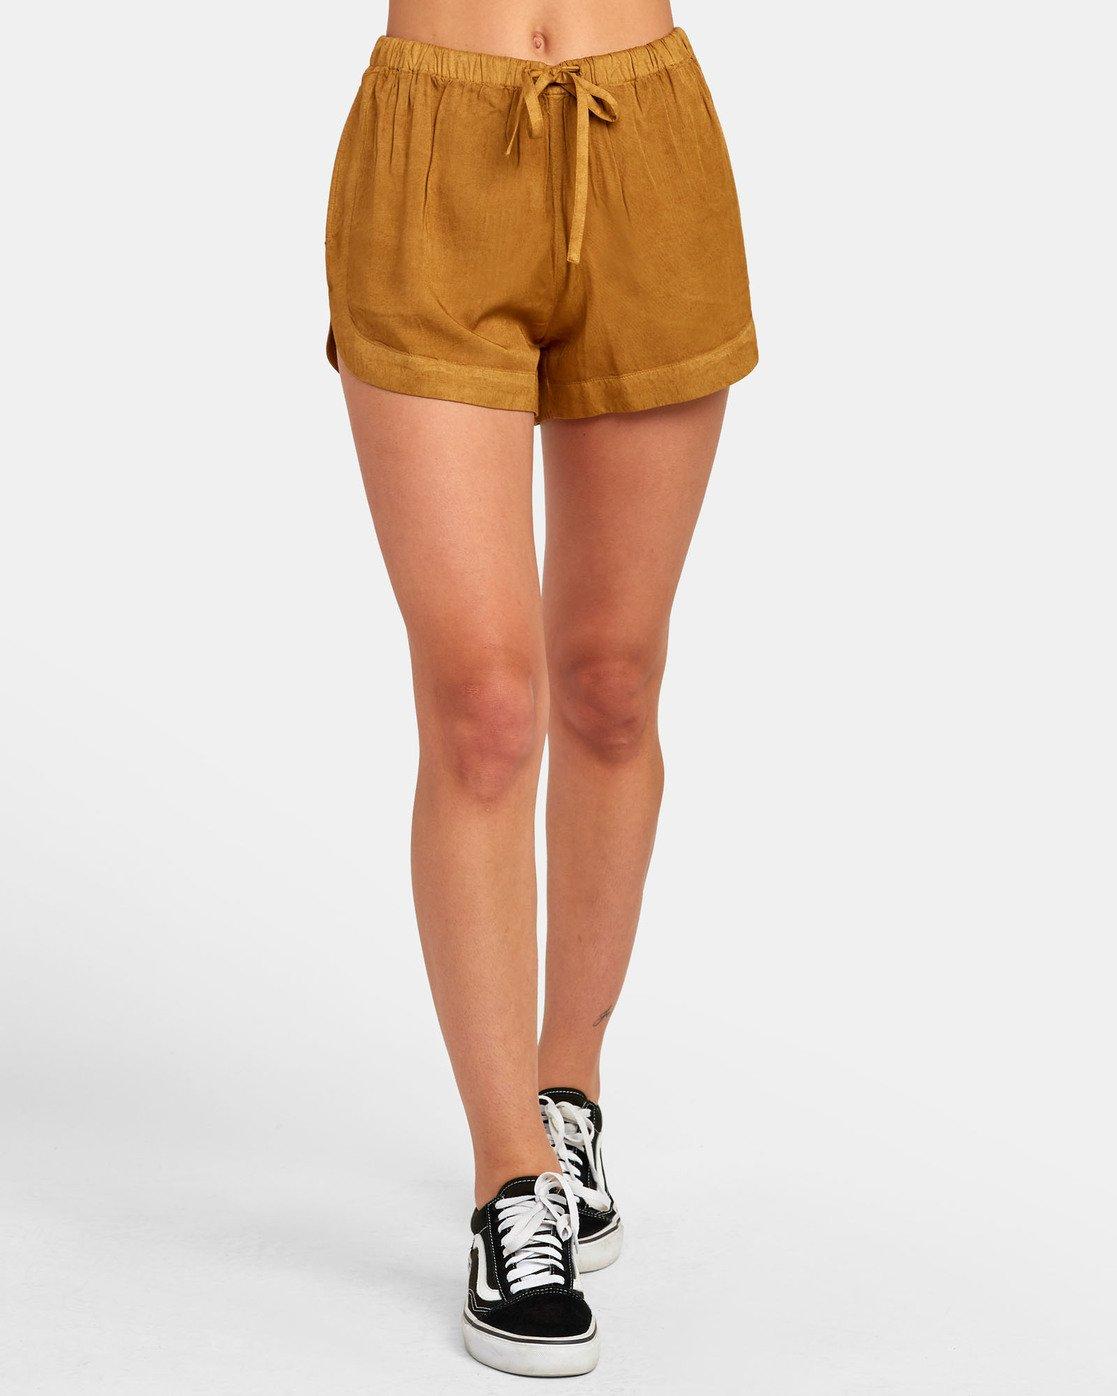 0 New Yume - Shorts mit Gummibund für Damen Braun S3WKRQRVP0 RVCA